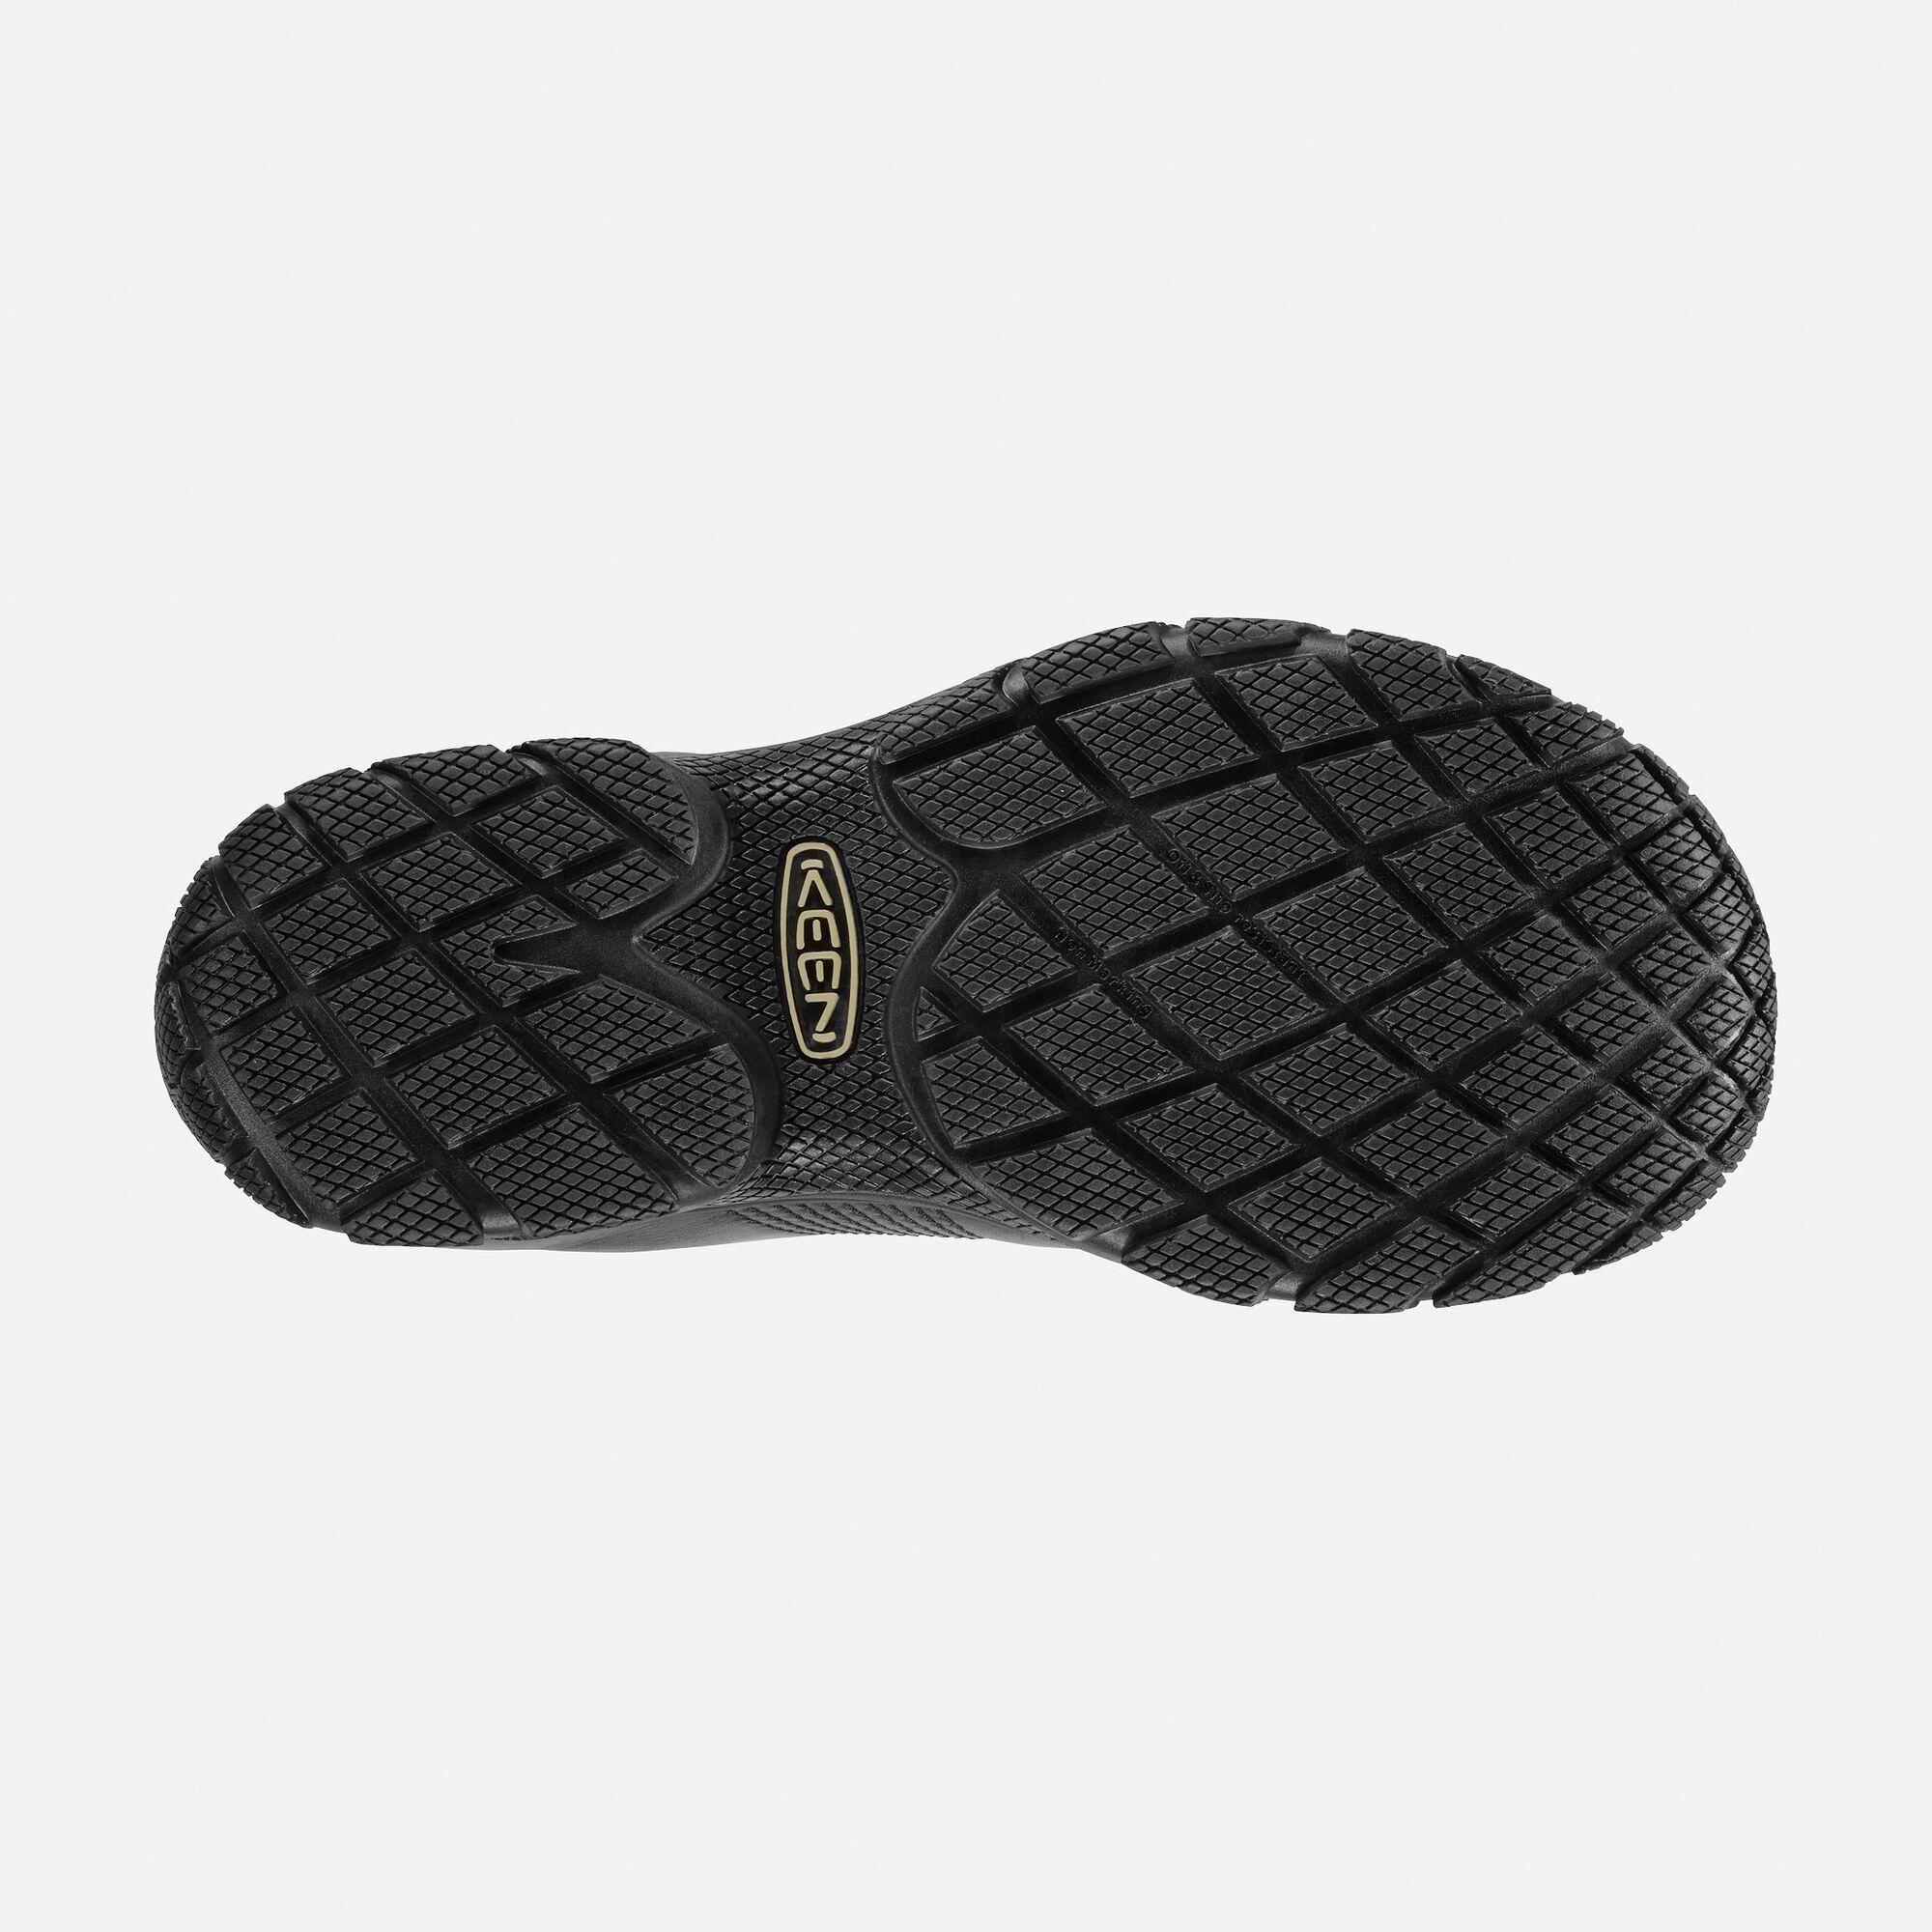 Mens Bedroom Athletics Slippers Mens Ptc Oxford Keen Footwear